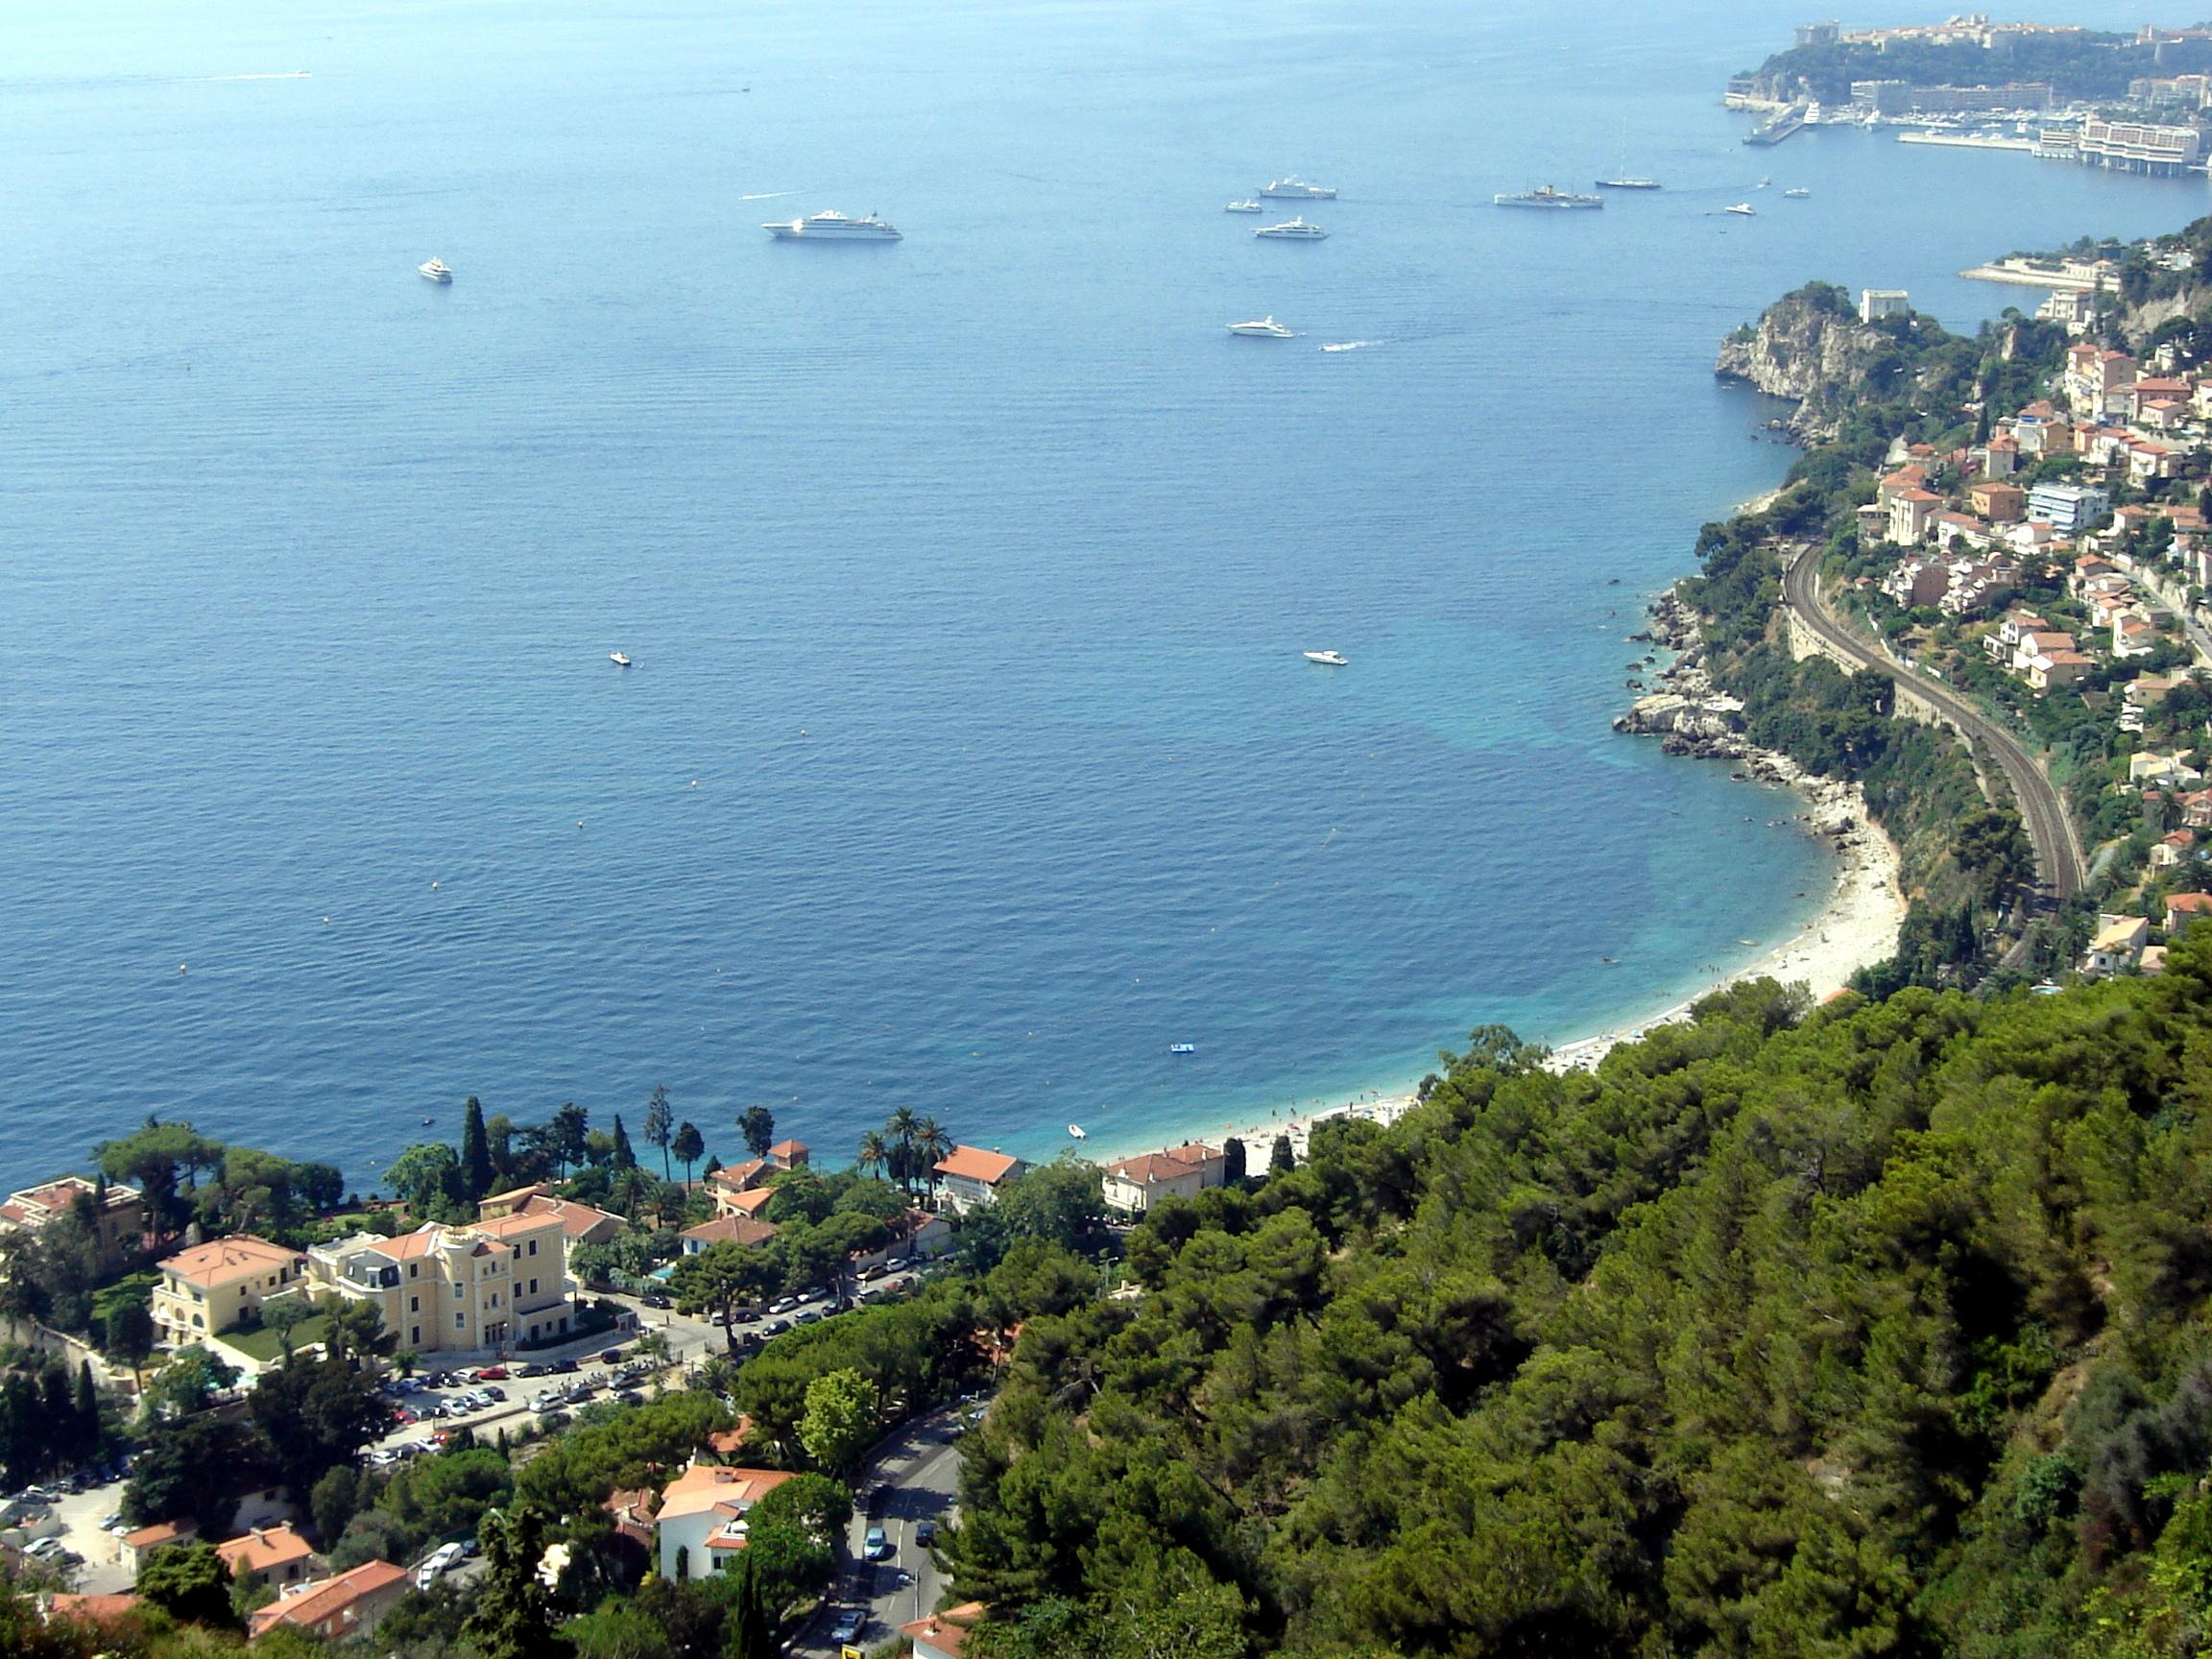 Uitzicht vanaf de kustroute tussen Menton en Monaco